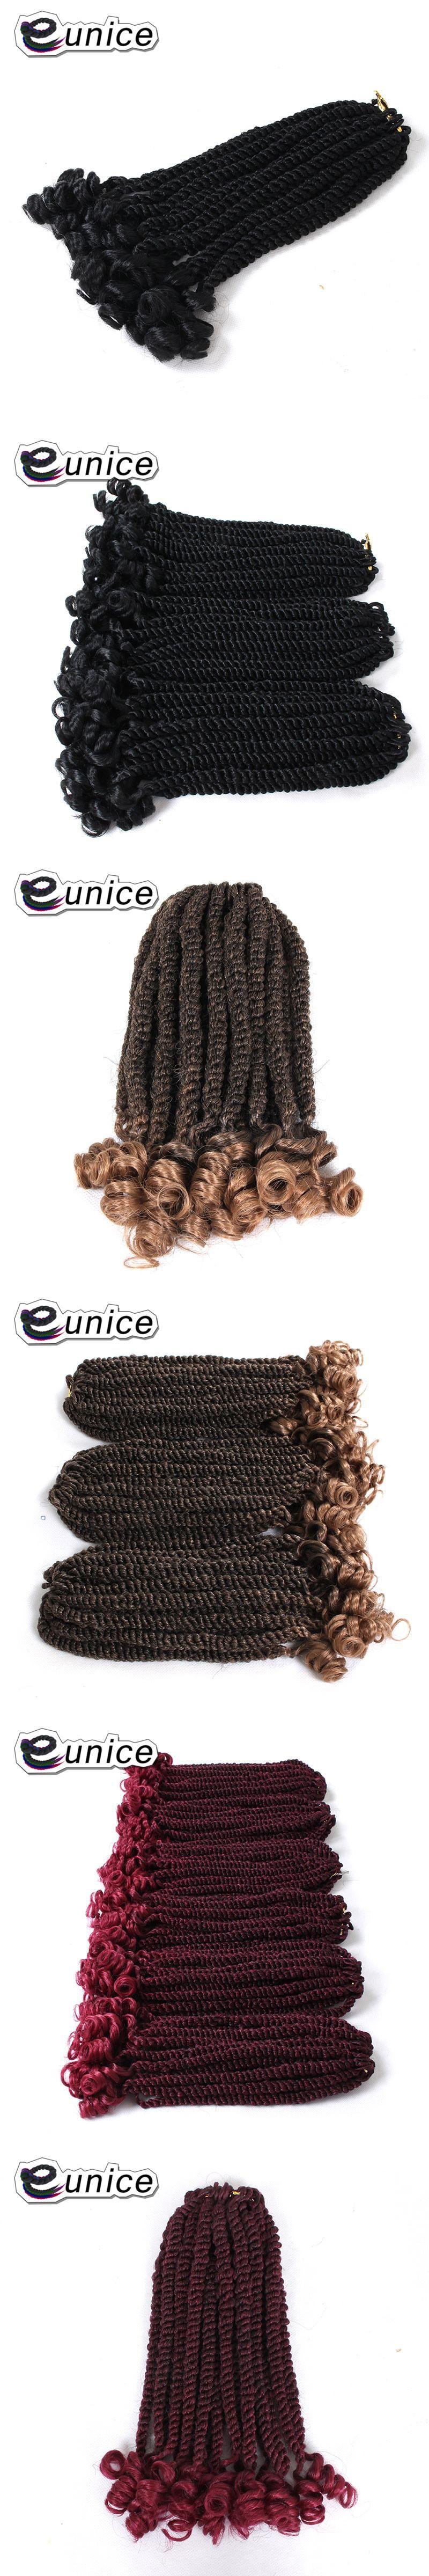 Eunice Hair Synthetic Middle Havana Twist Crochet Braiding Hair